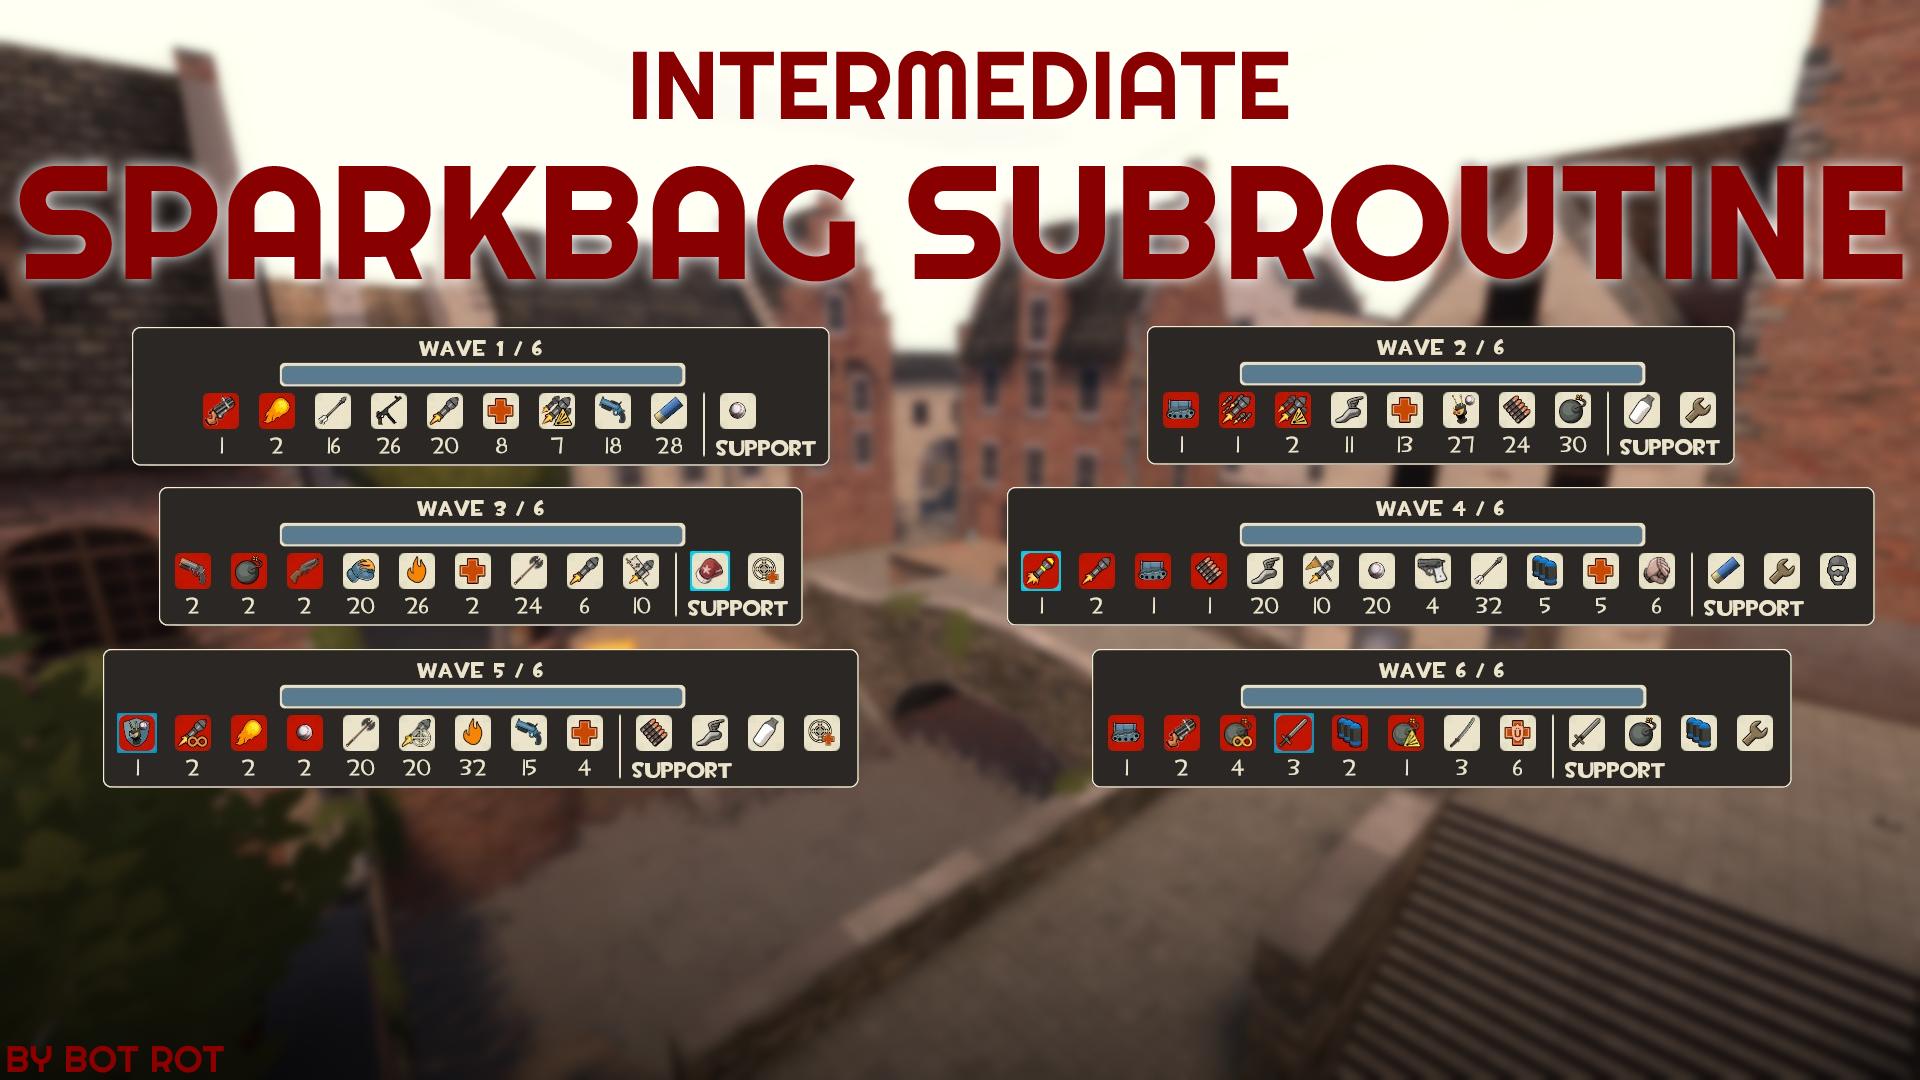 mission_sparkbag_subroutine_alt.png